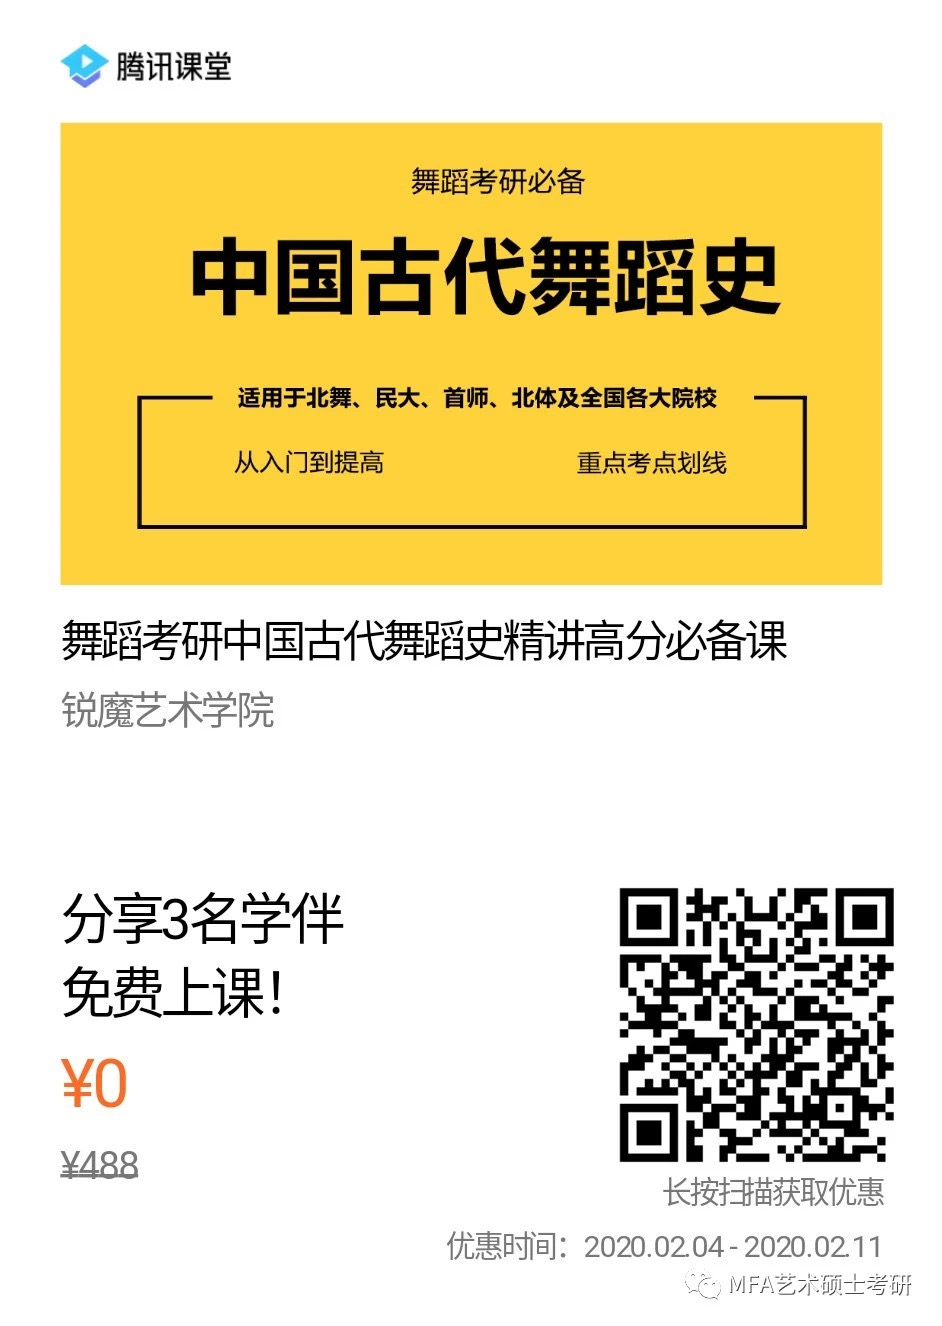 微信图片_20200210210456